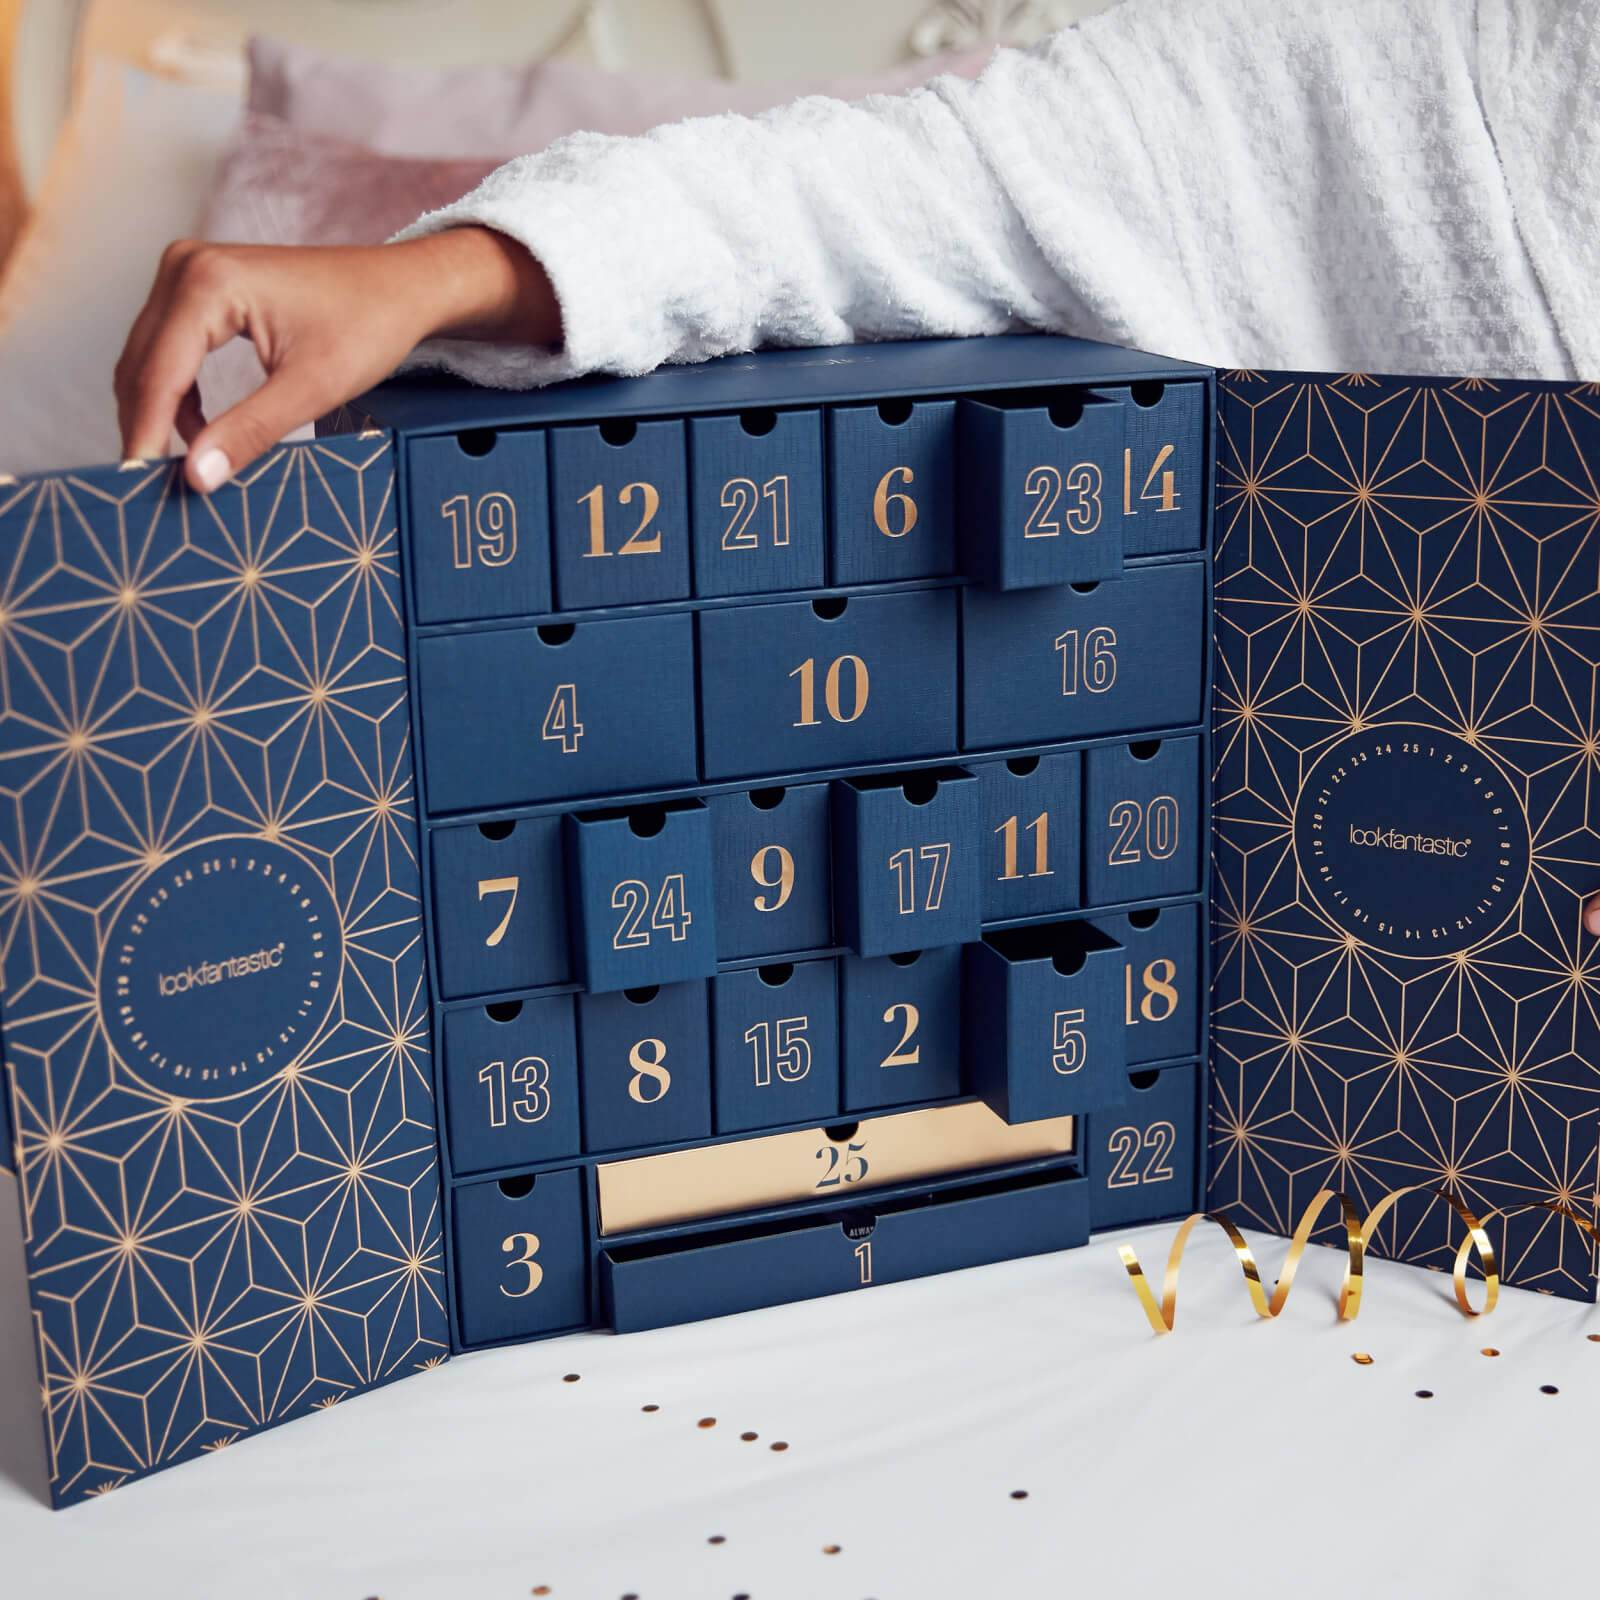 Graines Et Plantes Calendrier Lunaire Juillet 2020.Lookfantastic Beauty Box Lookfantastic Calendrier De L Avent